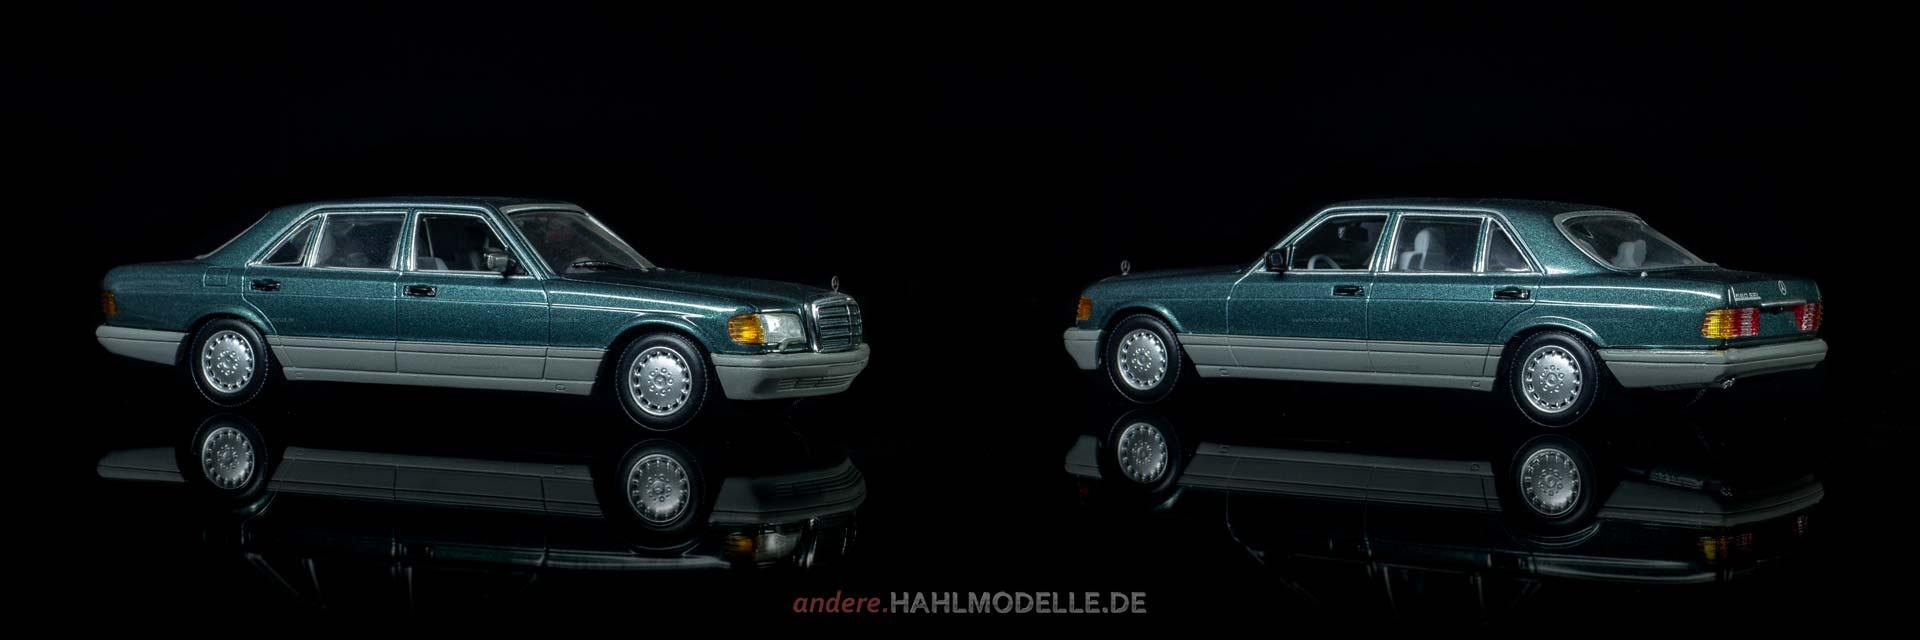 Mercedes-Benz 560 SEL (W 126 | Limousine | Minichamps | www.andere.hahlmodelle.de